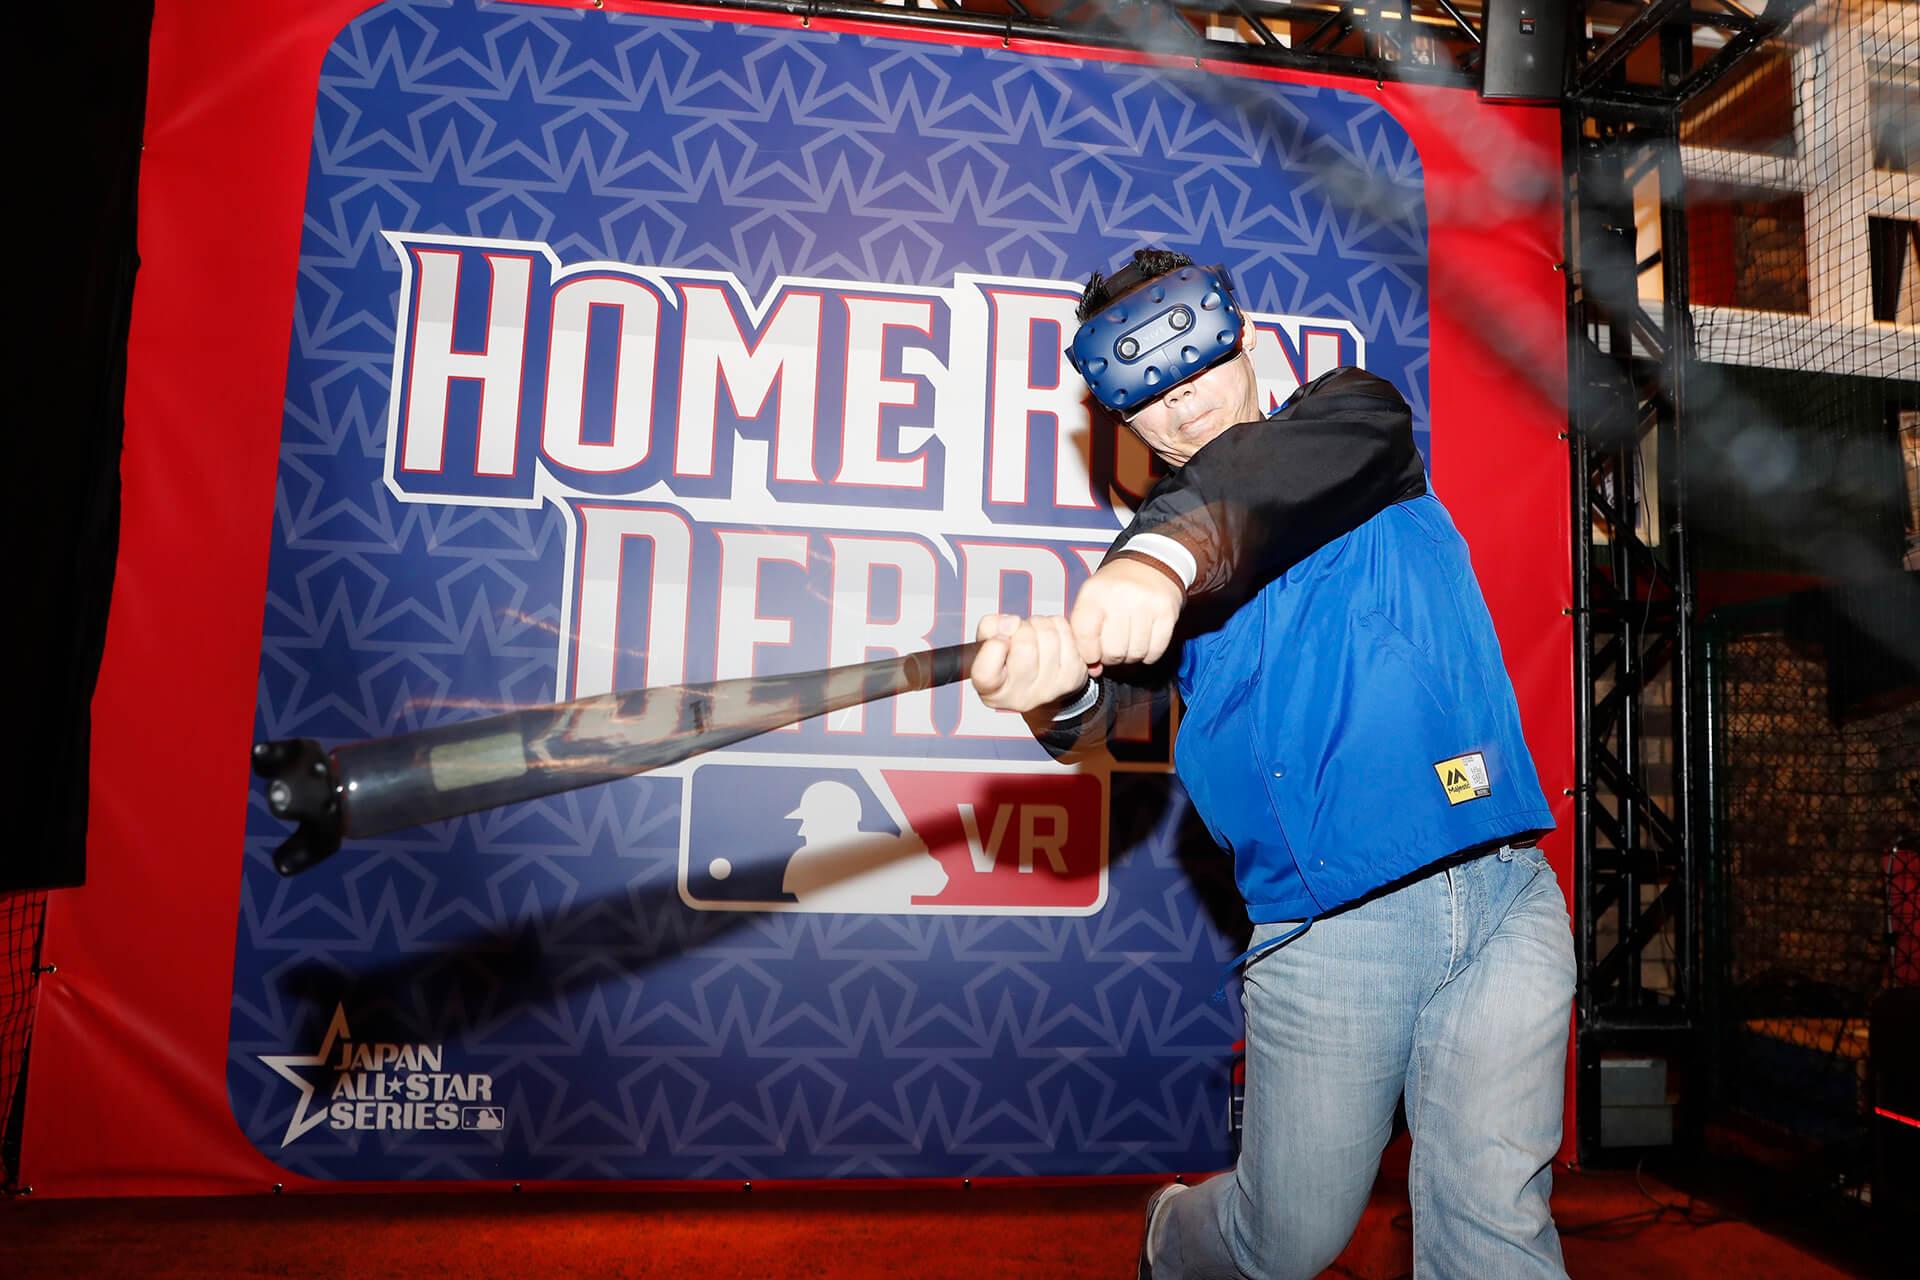 この写真はMLB ホームランダービーの、実際にバットを振り挑戦している様子です